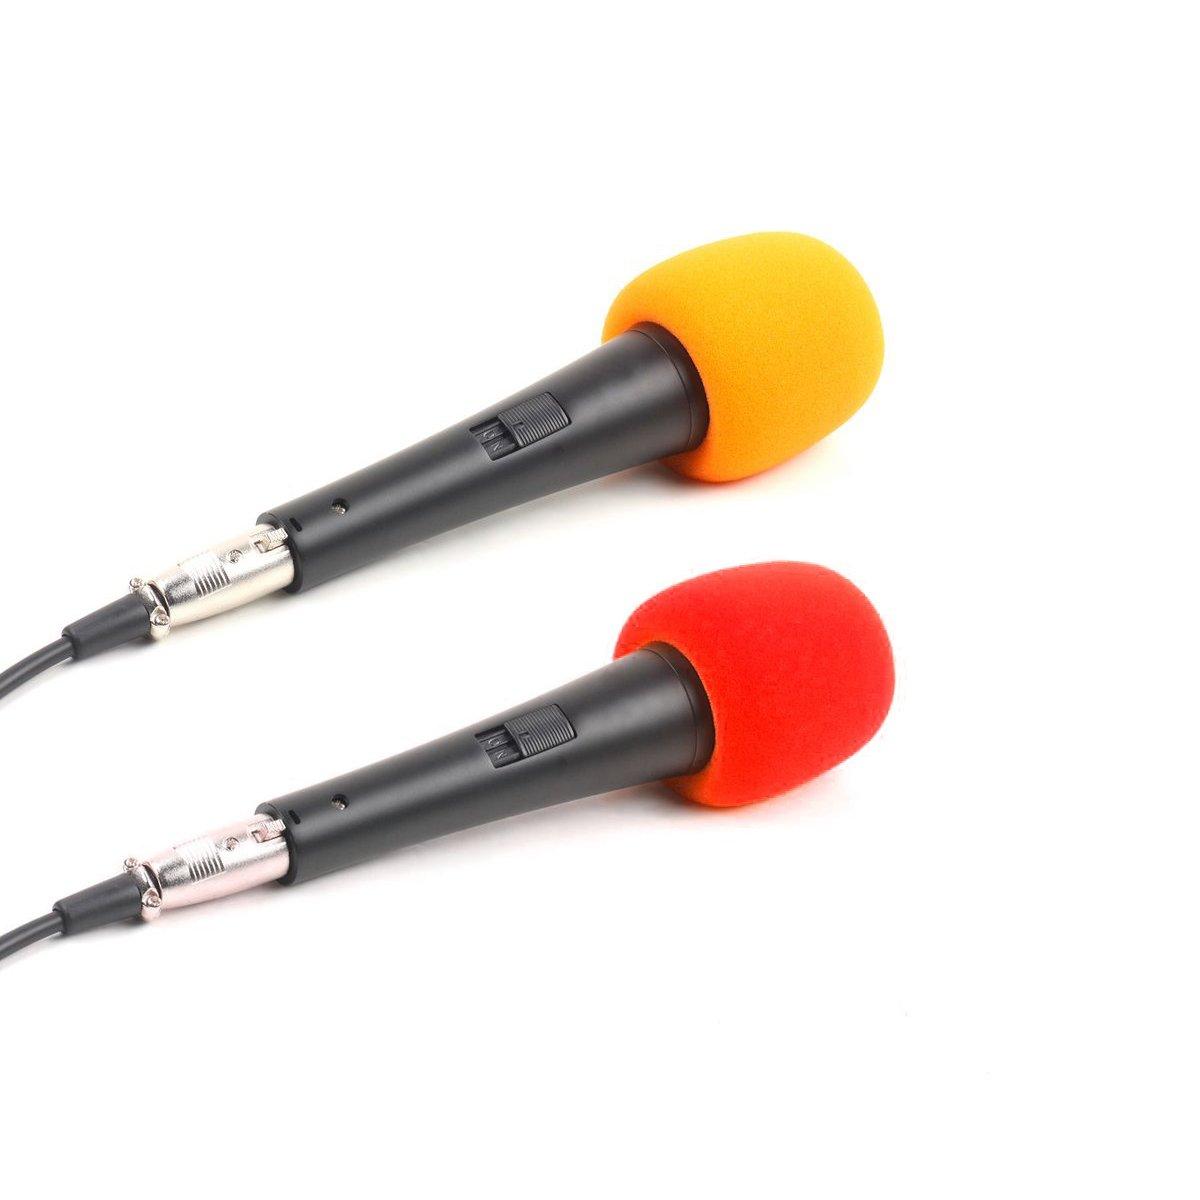 Mikrofon Windschutz in allen Farben kaufen und bedrucken lassen